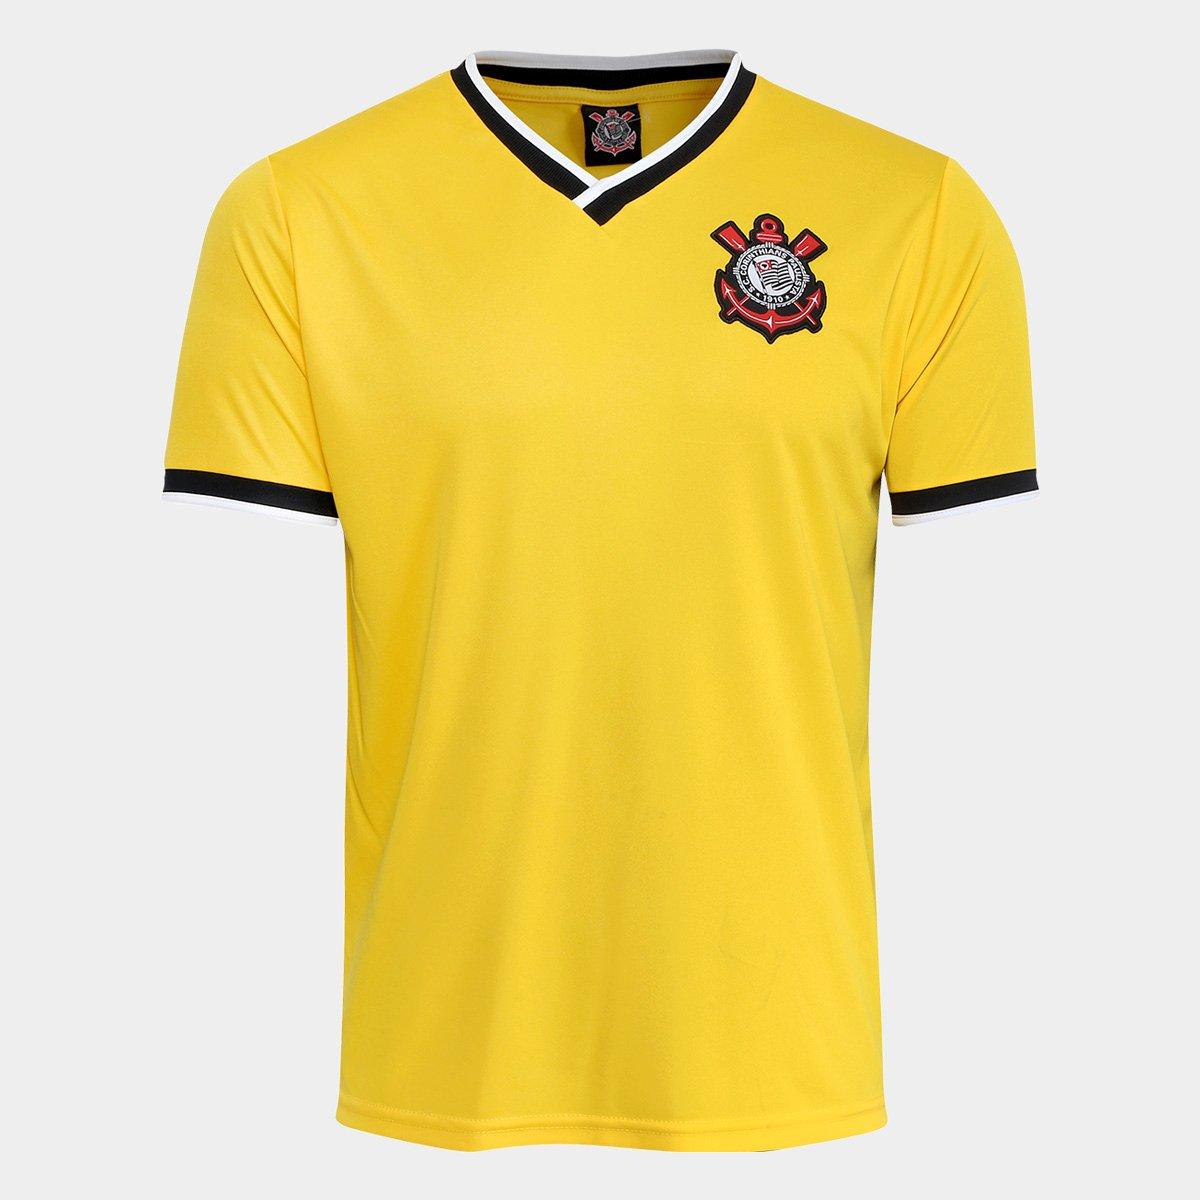 50aa84d8b5 Camisa Corinthians 2014 n° 10 Edição limitada Masculina